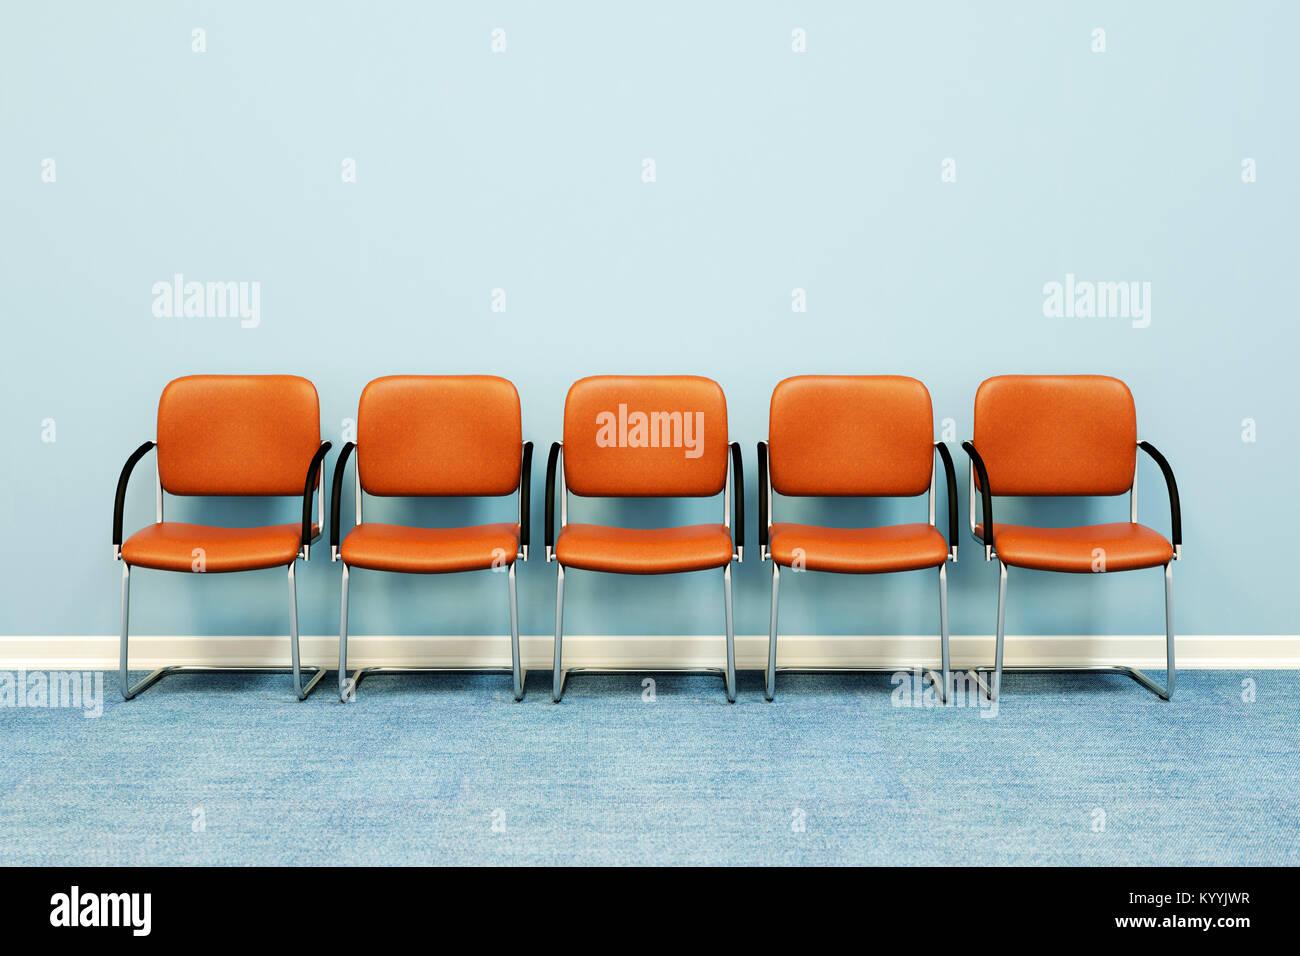 Cinco sillas de sala de espera en una fila contra una pared en una habitación vacía Imagen De Stock